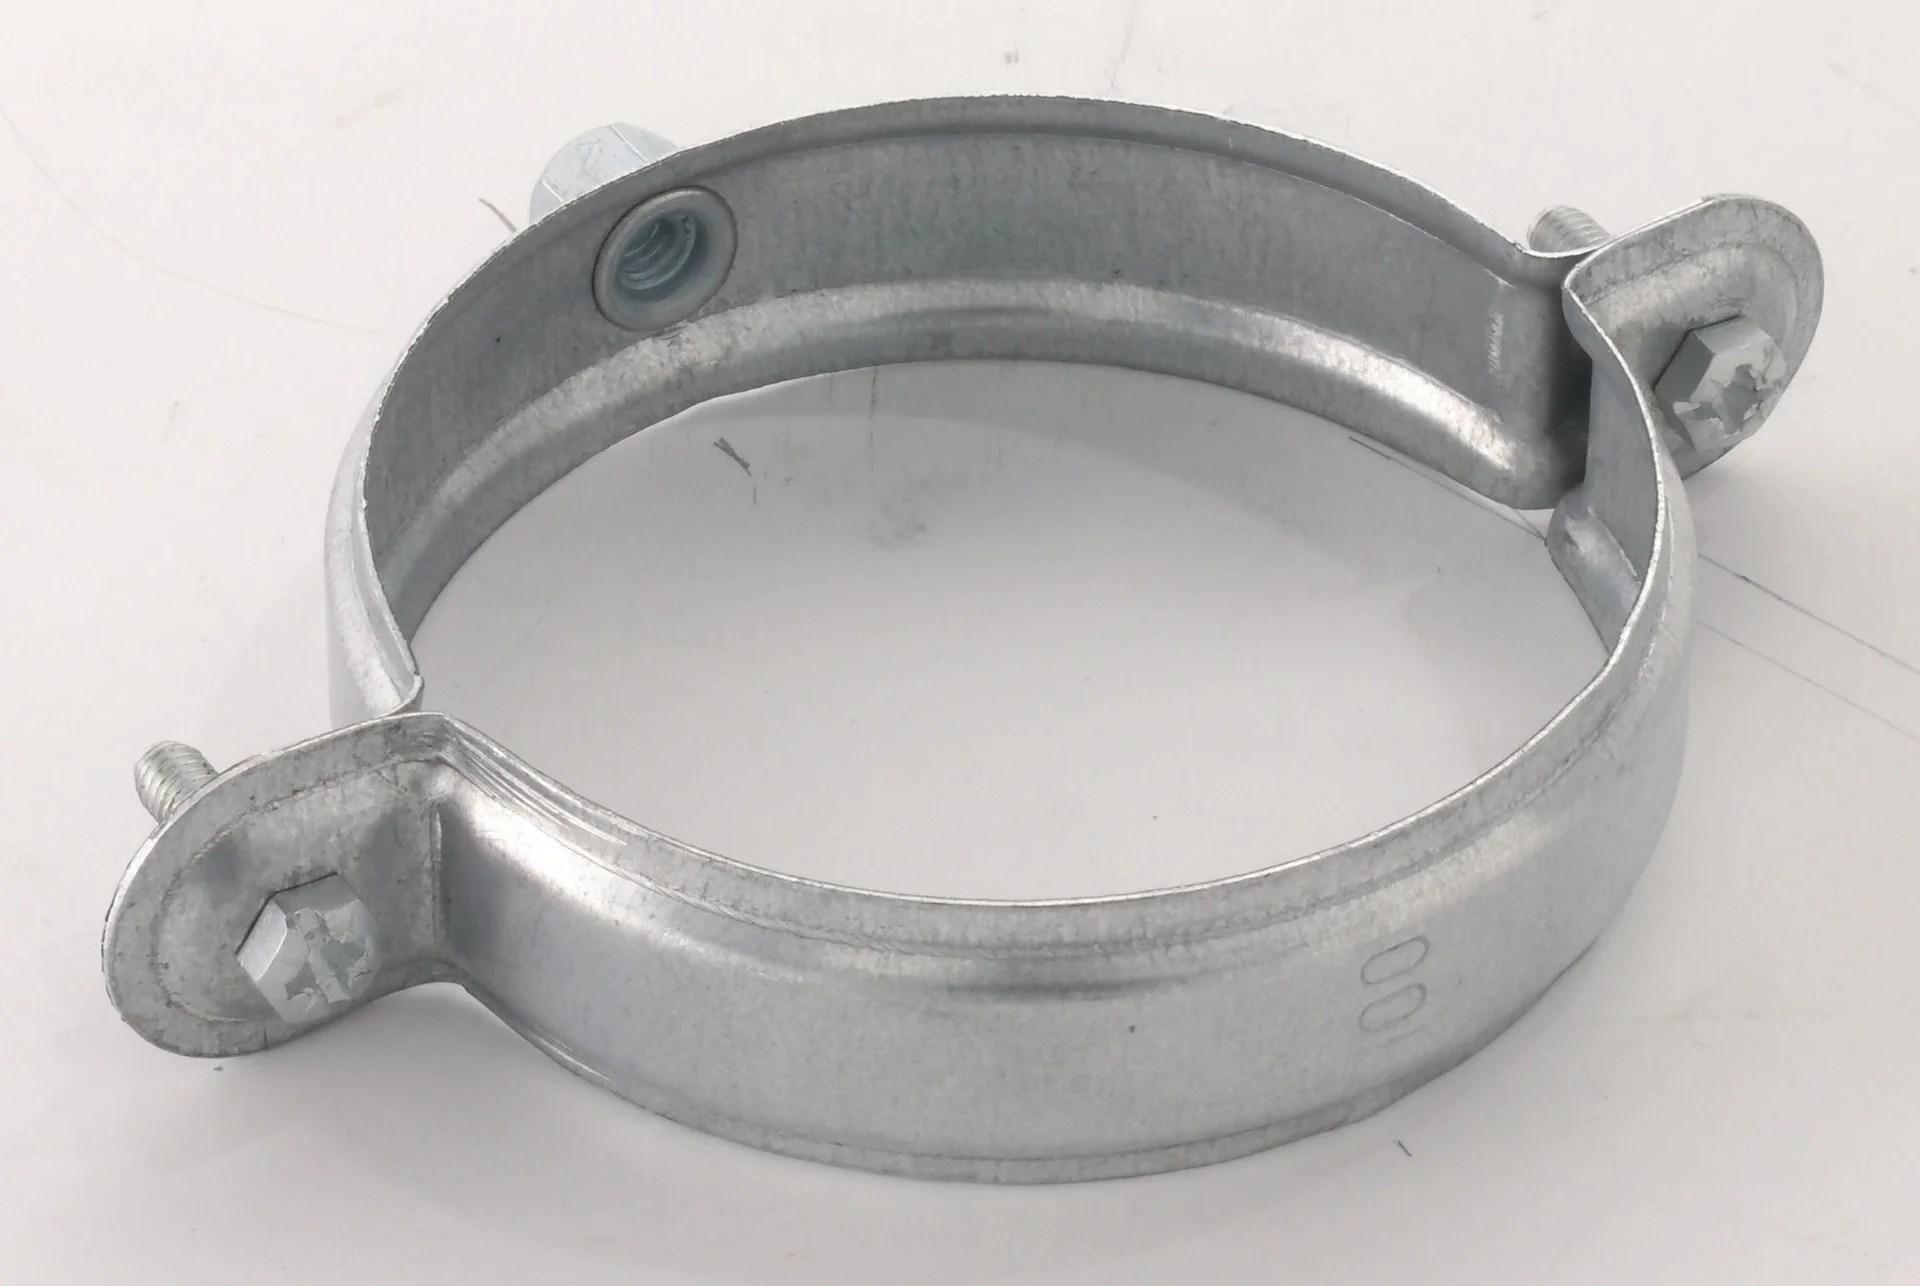 collier a embase taraudee pour gouttiere developpe 33 gris acier galvanise